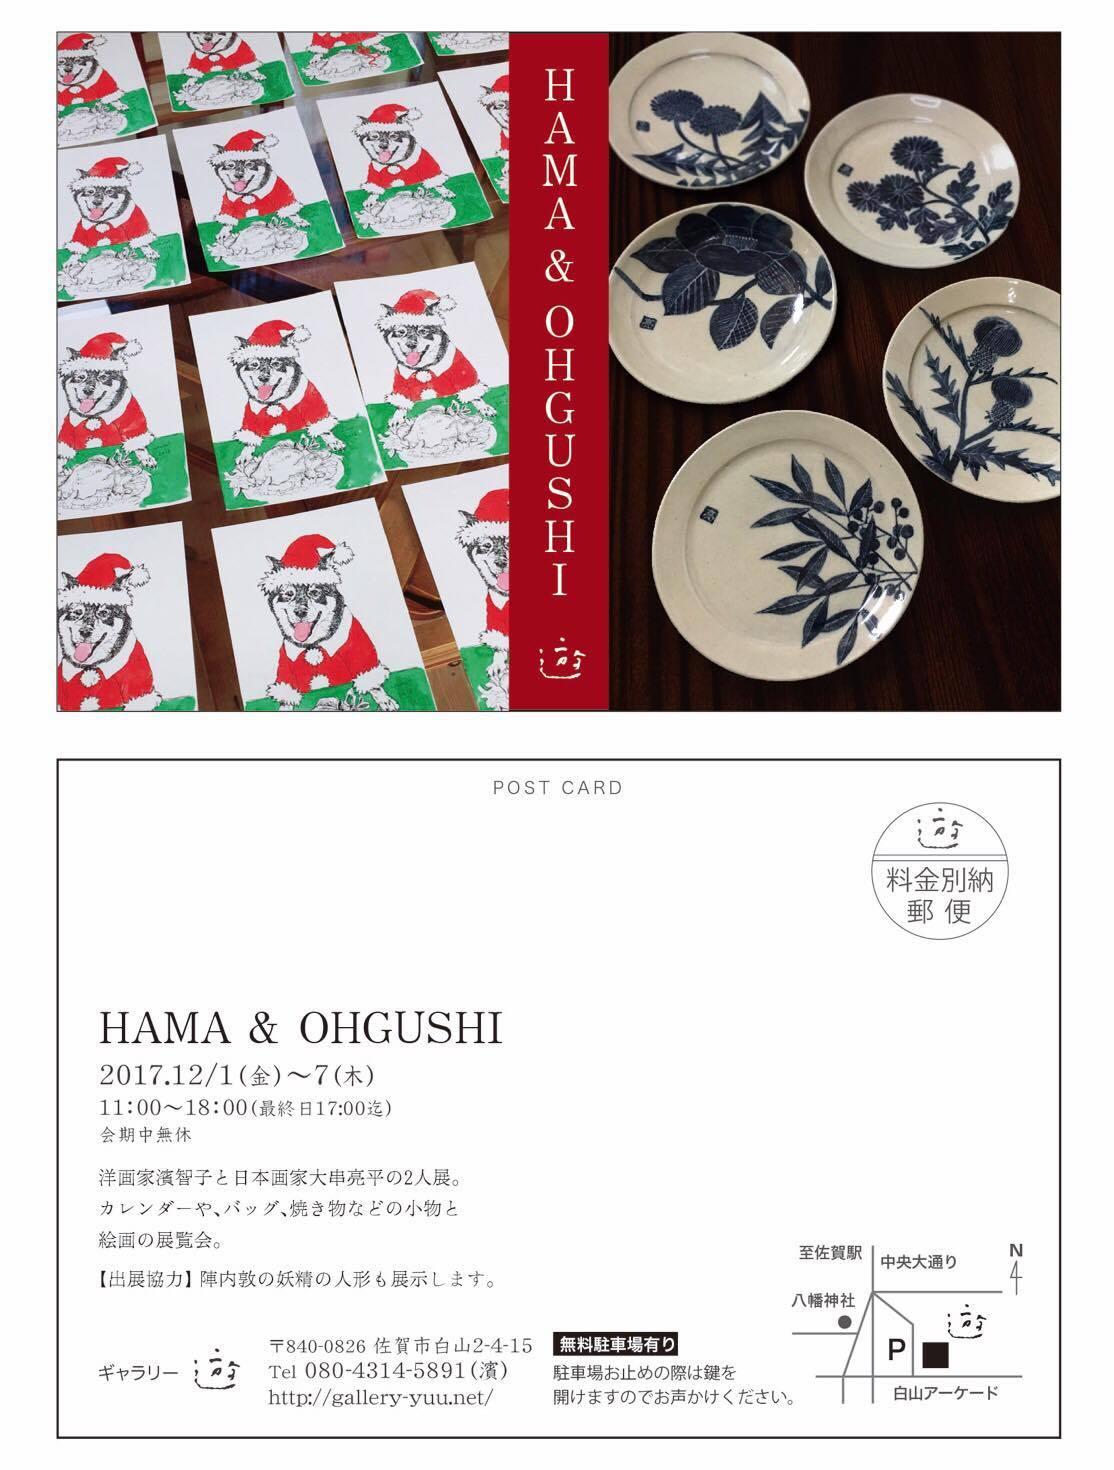 HAMA & OHGUSHI 展